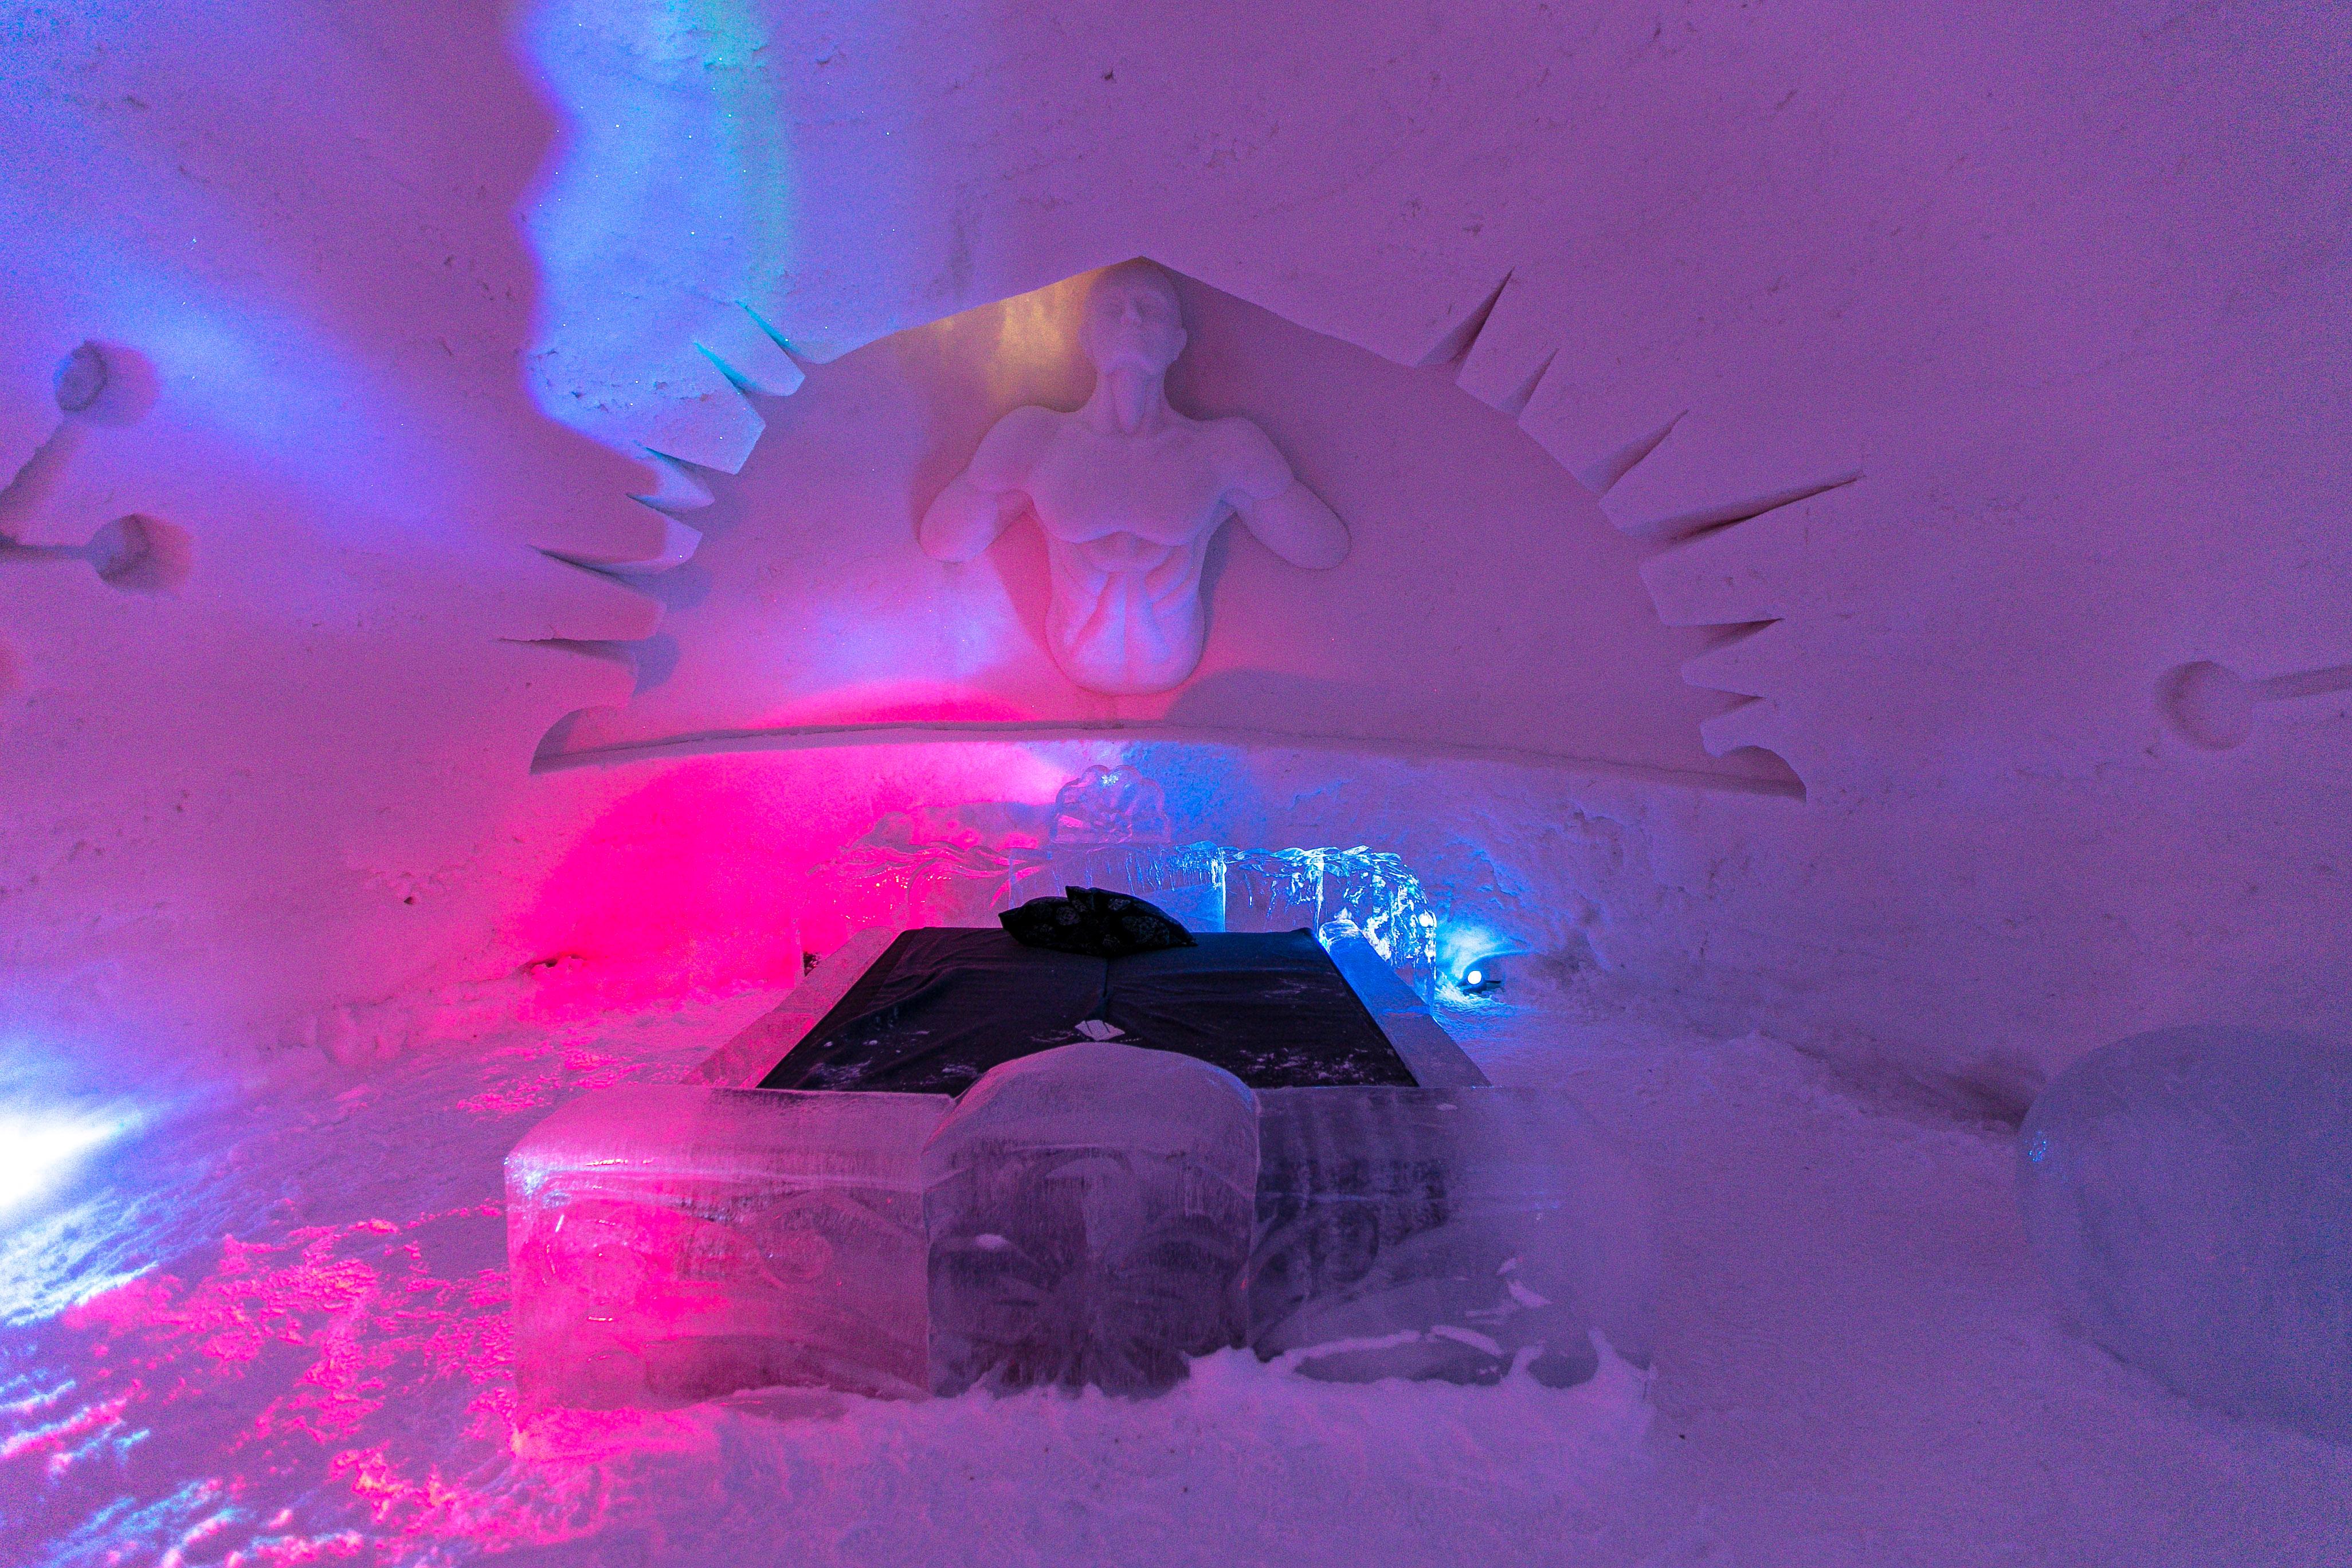 Snowvillage Finnland, Eishotel, Eishotel Lappland